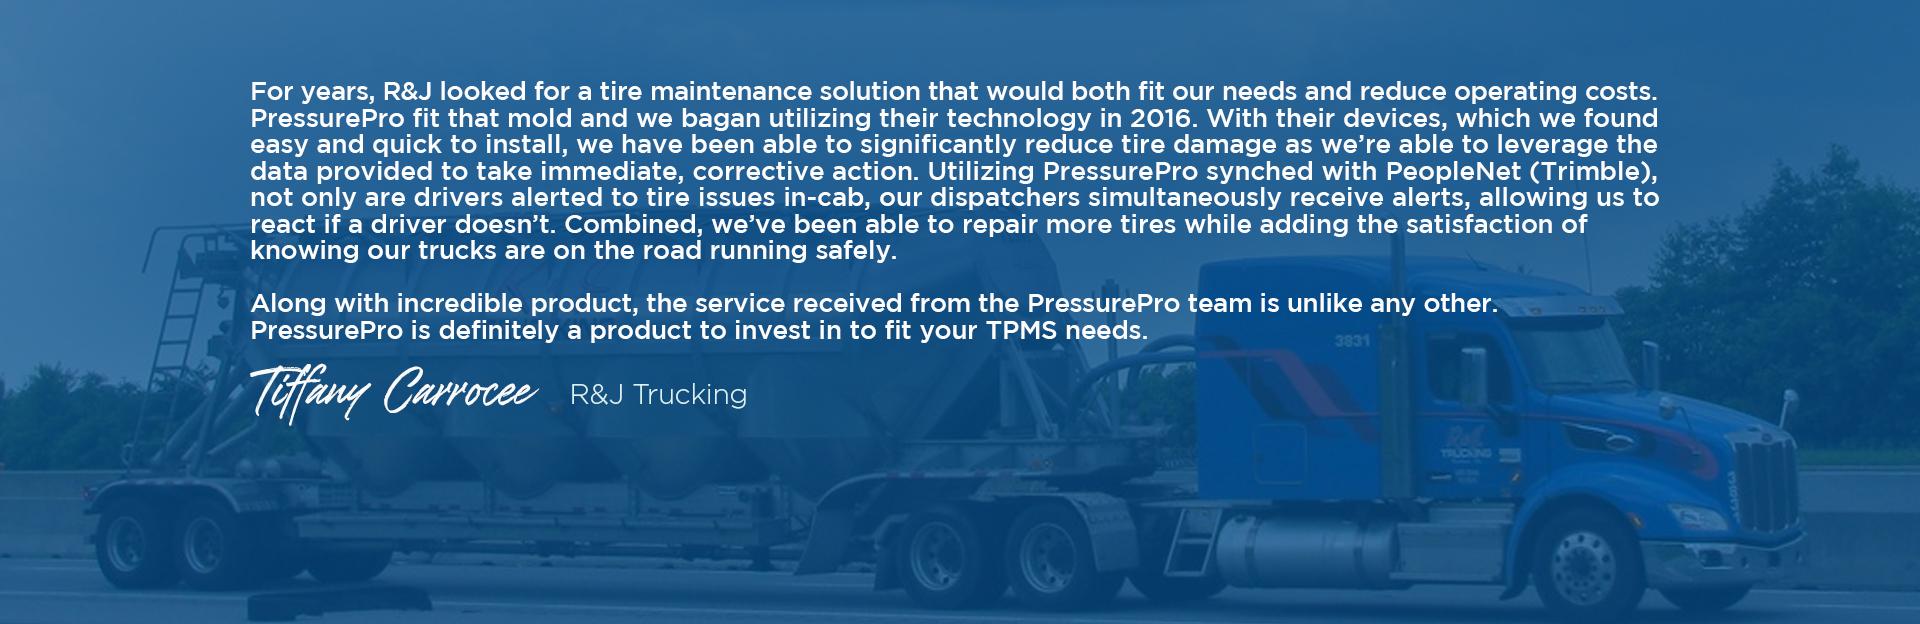 R&J Trucking testimonial